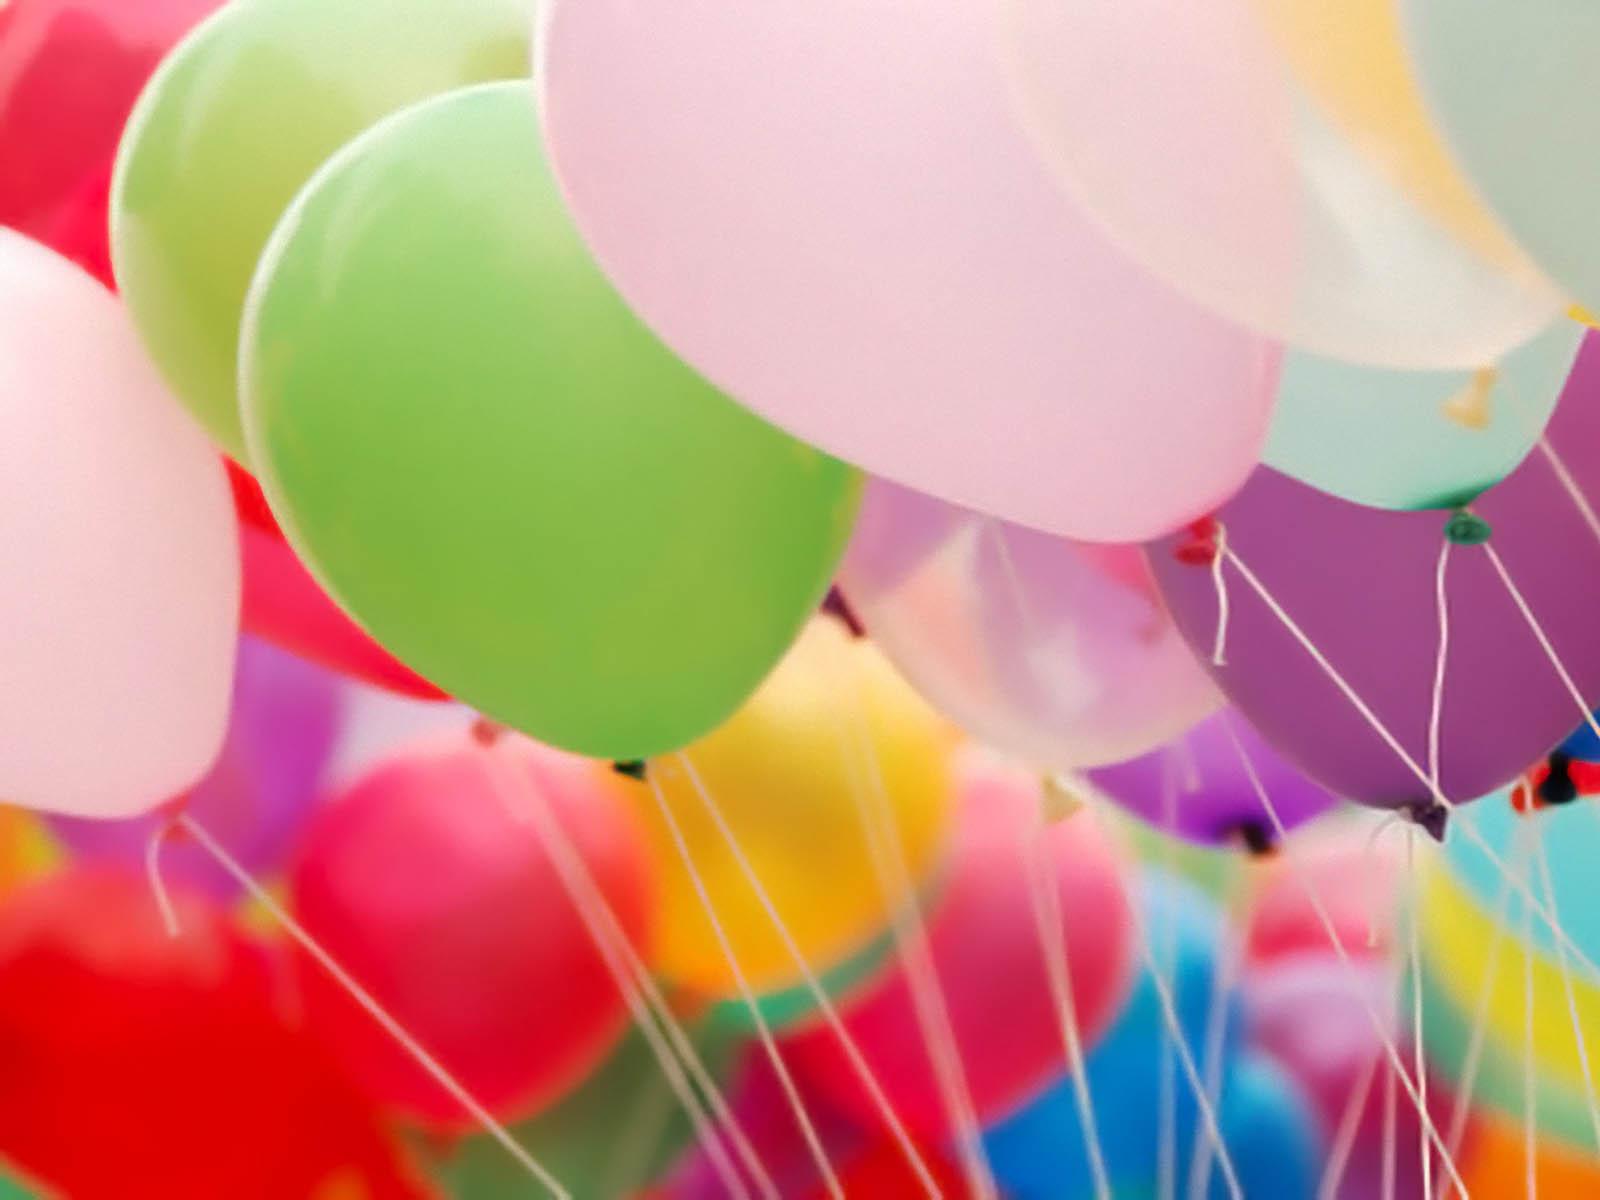 43 ] Balloon Wallpaper Free Download On WallpaperSafari